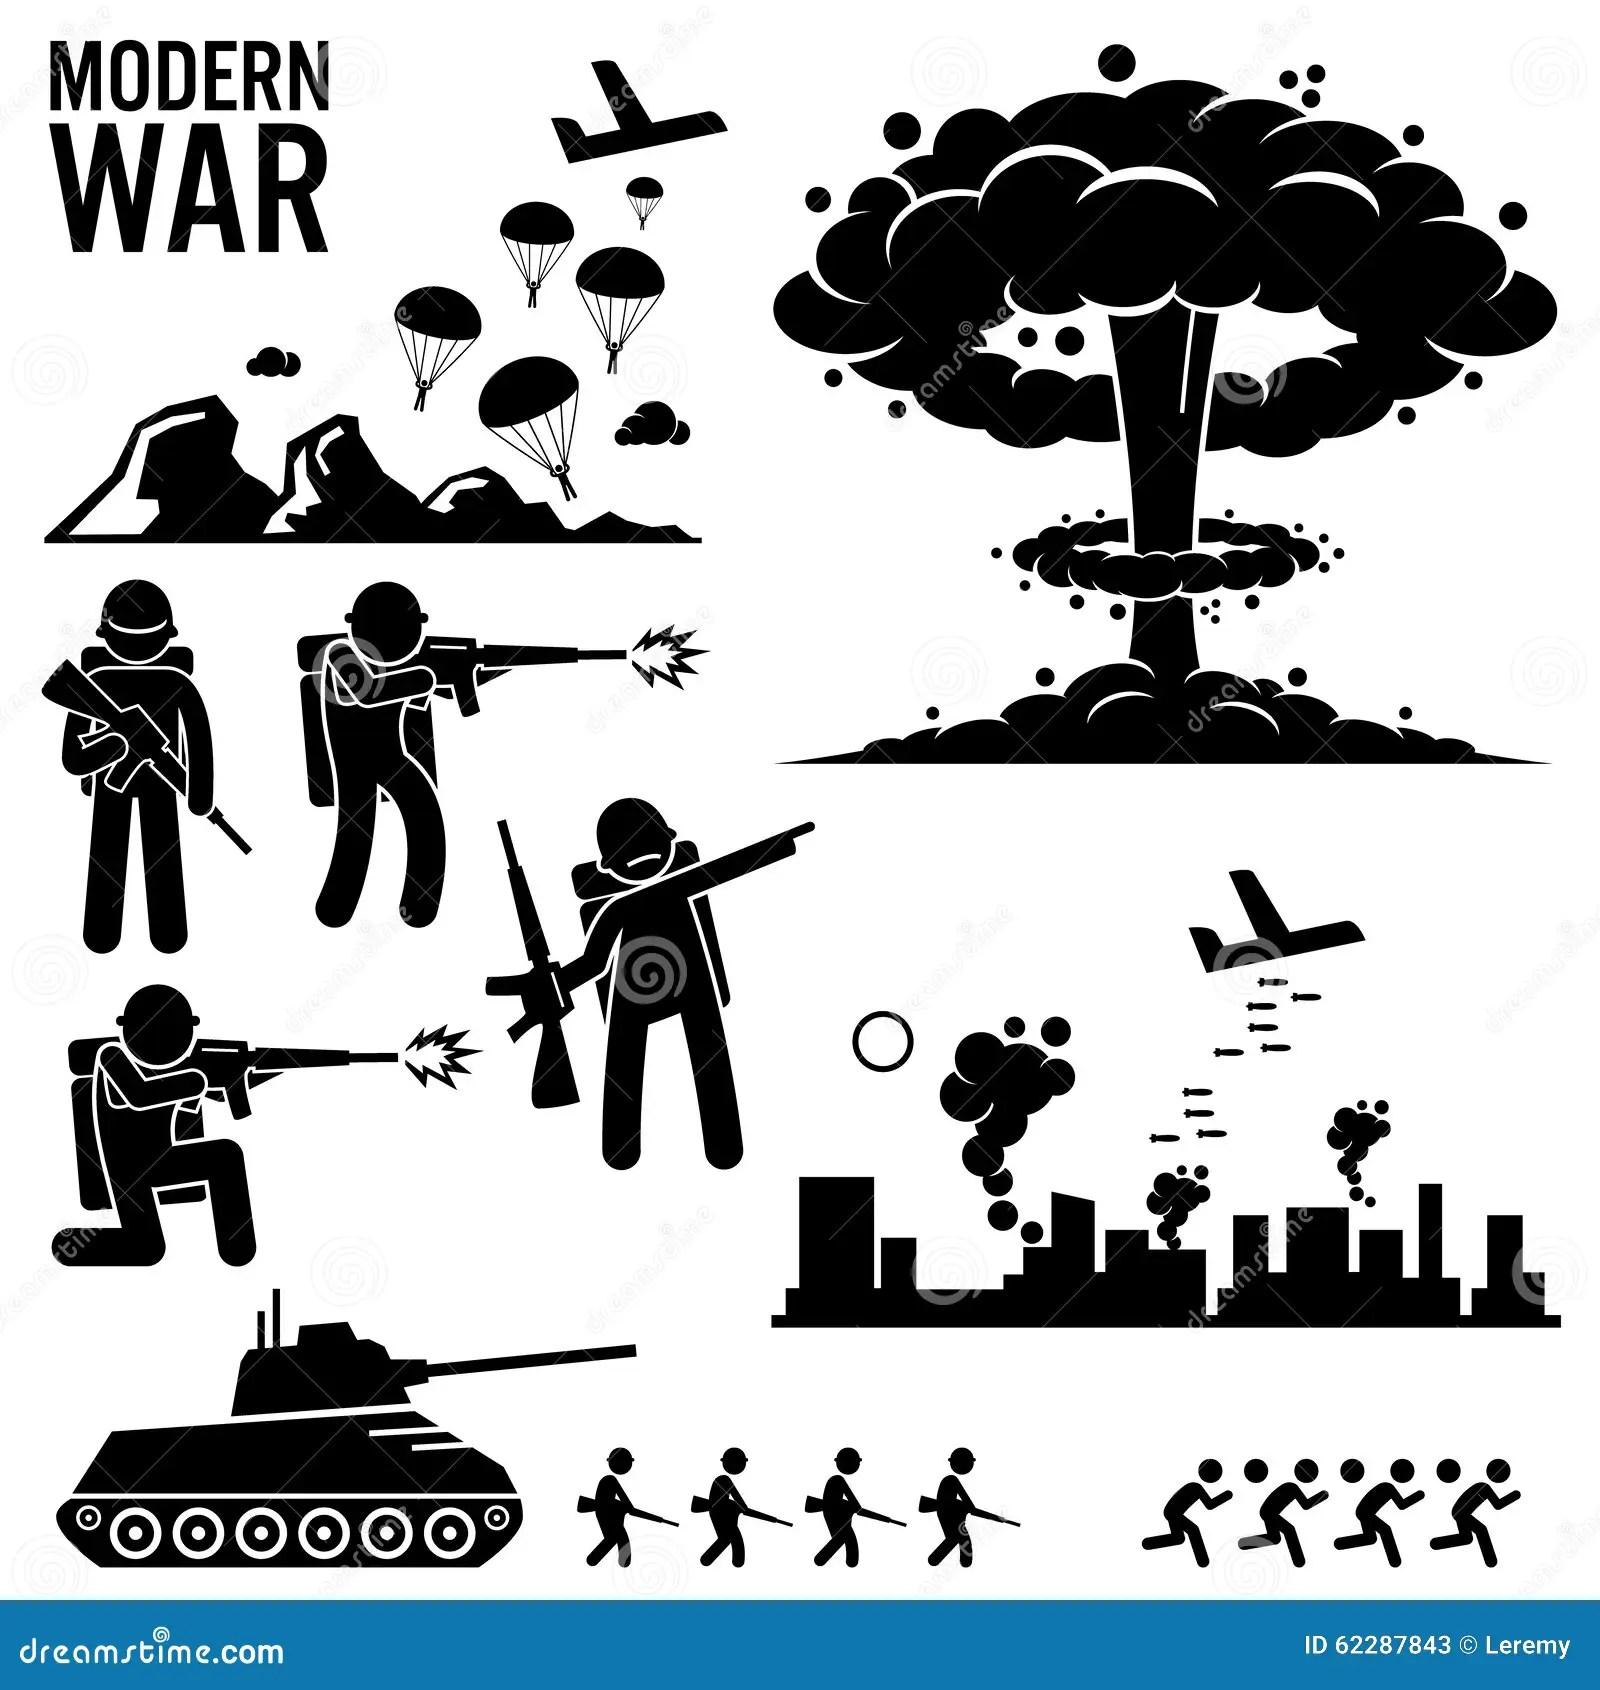 War Modern Warfare Nuclear Sol R Tank